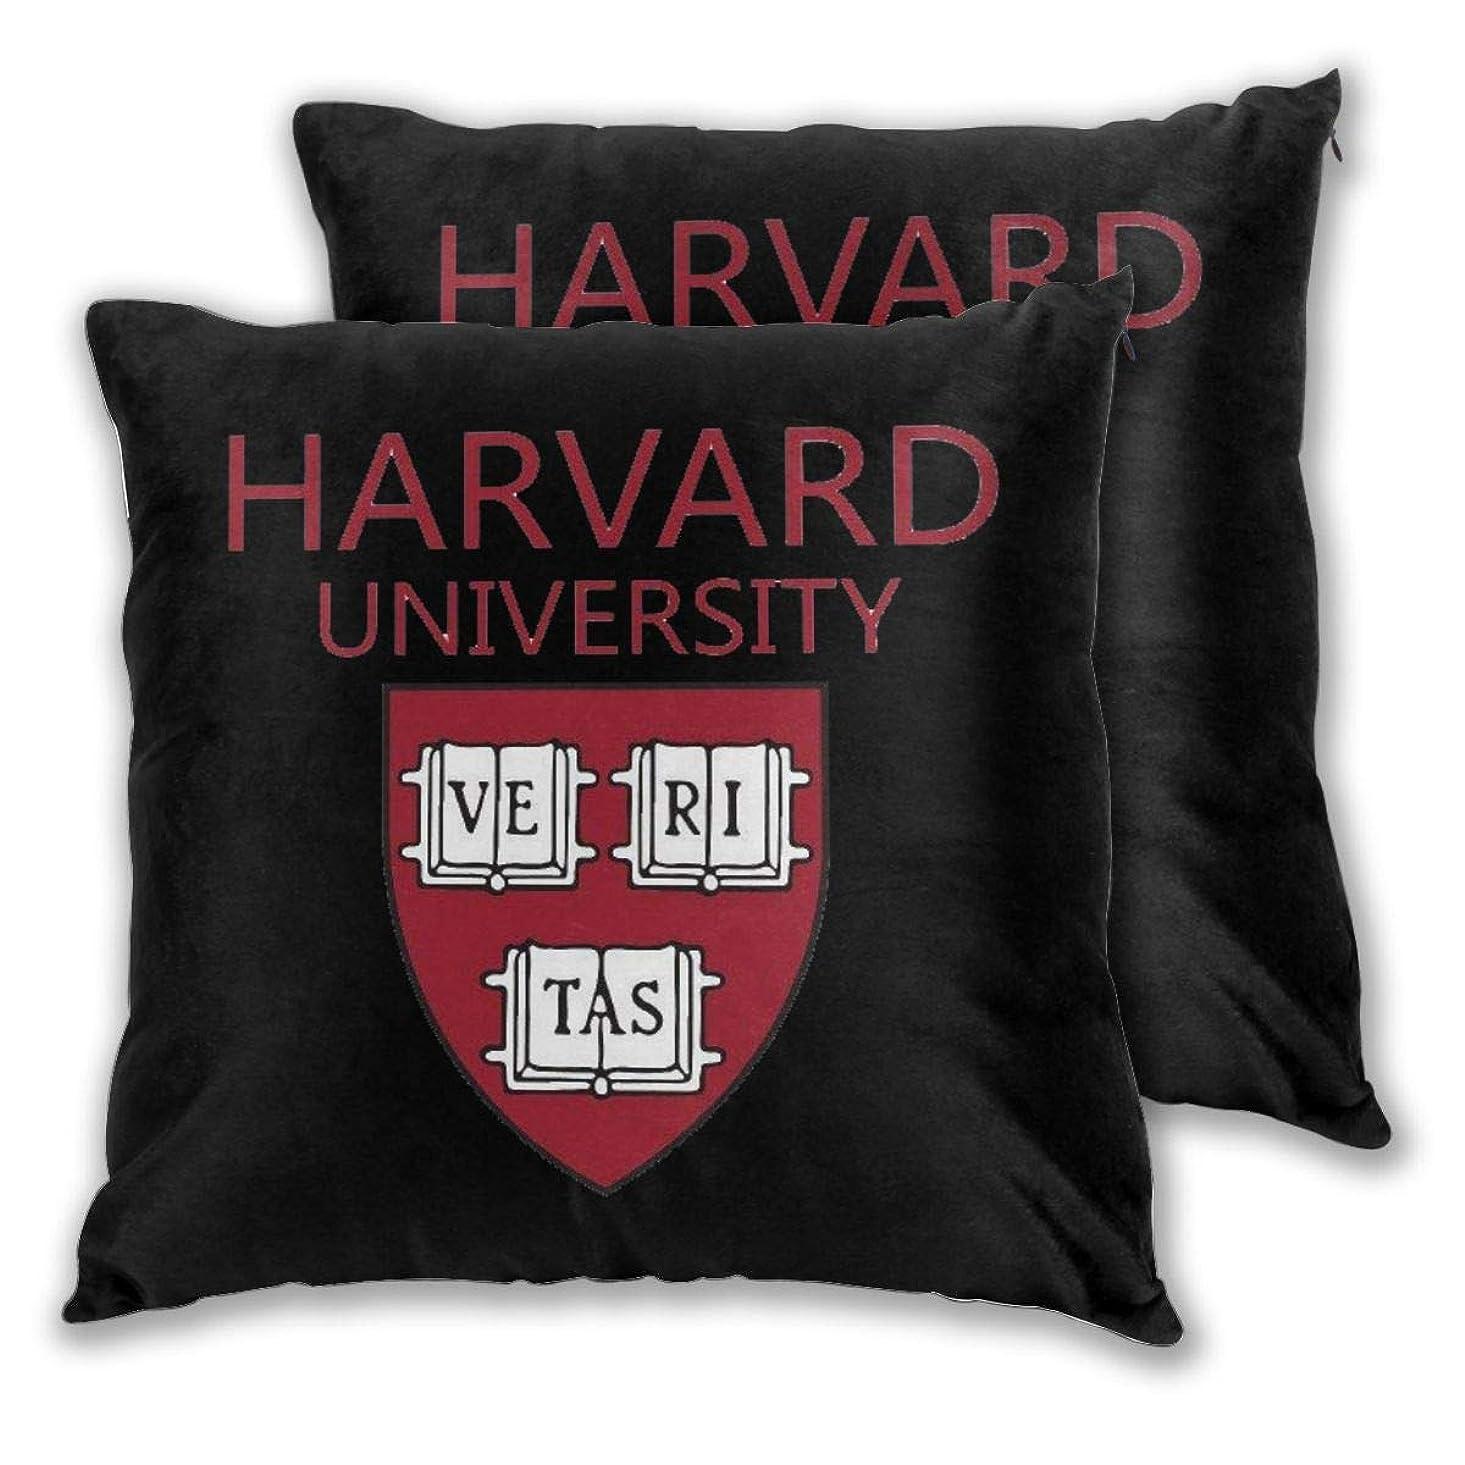 指導する草王室ハーバード大学 枕カバーファッションシンプルな100%コットンクッション2枕カバー